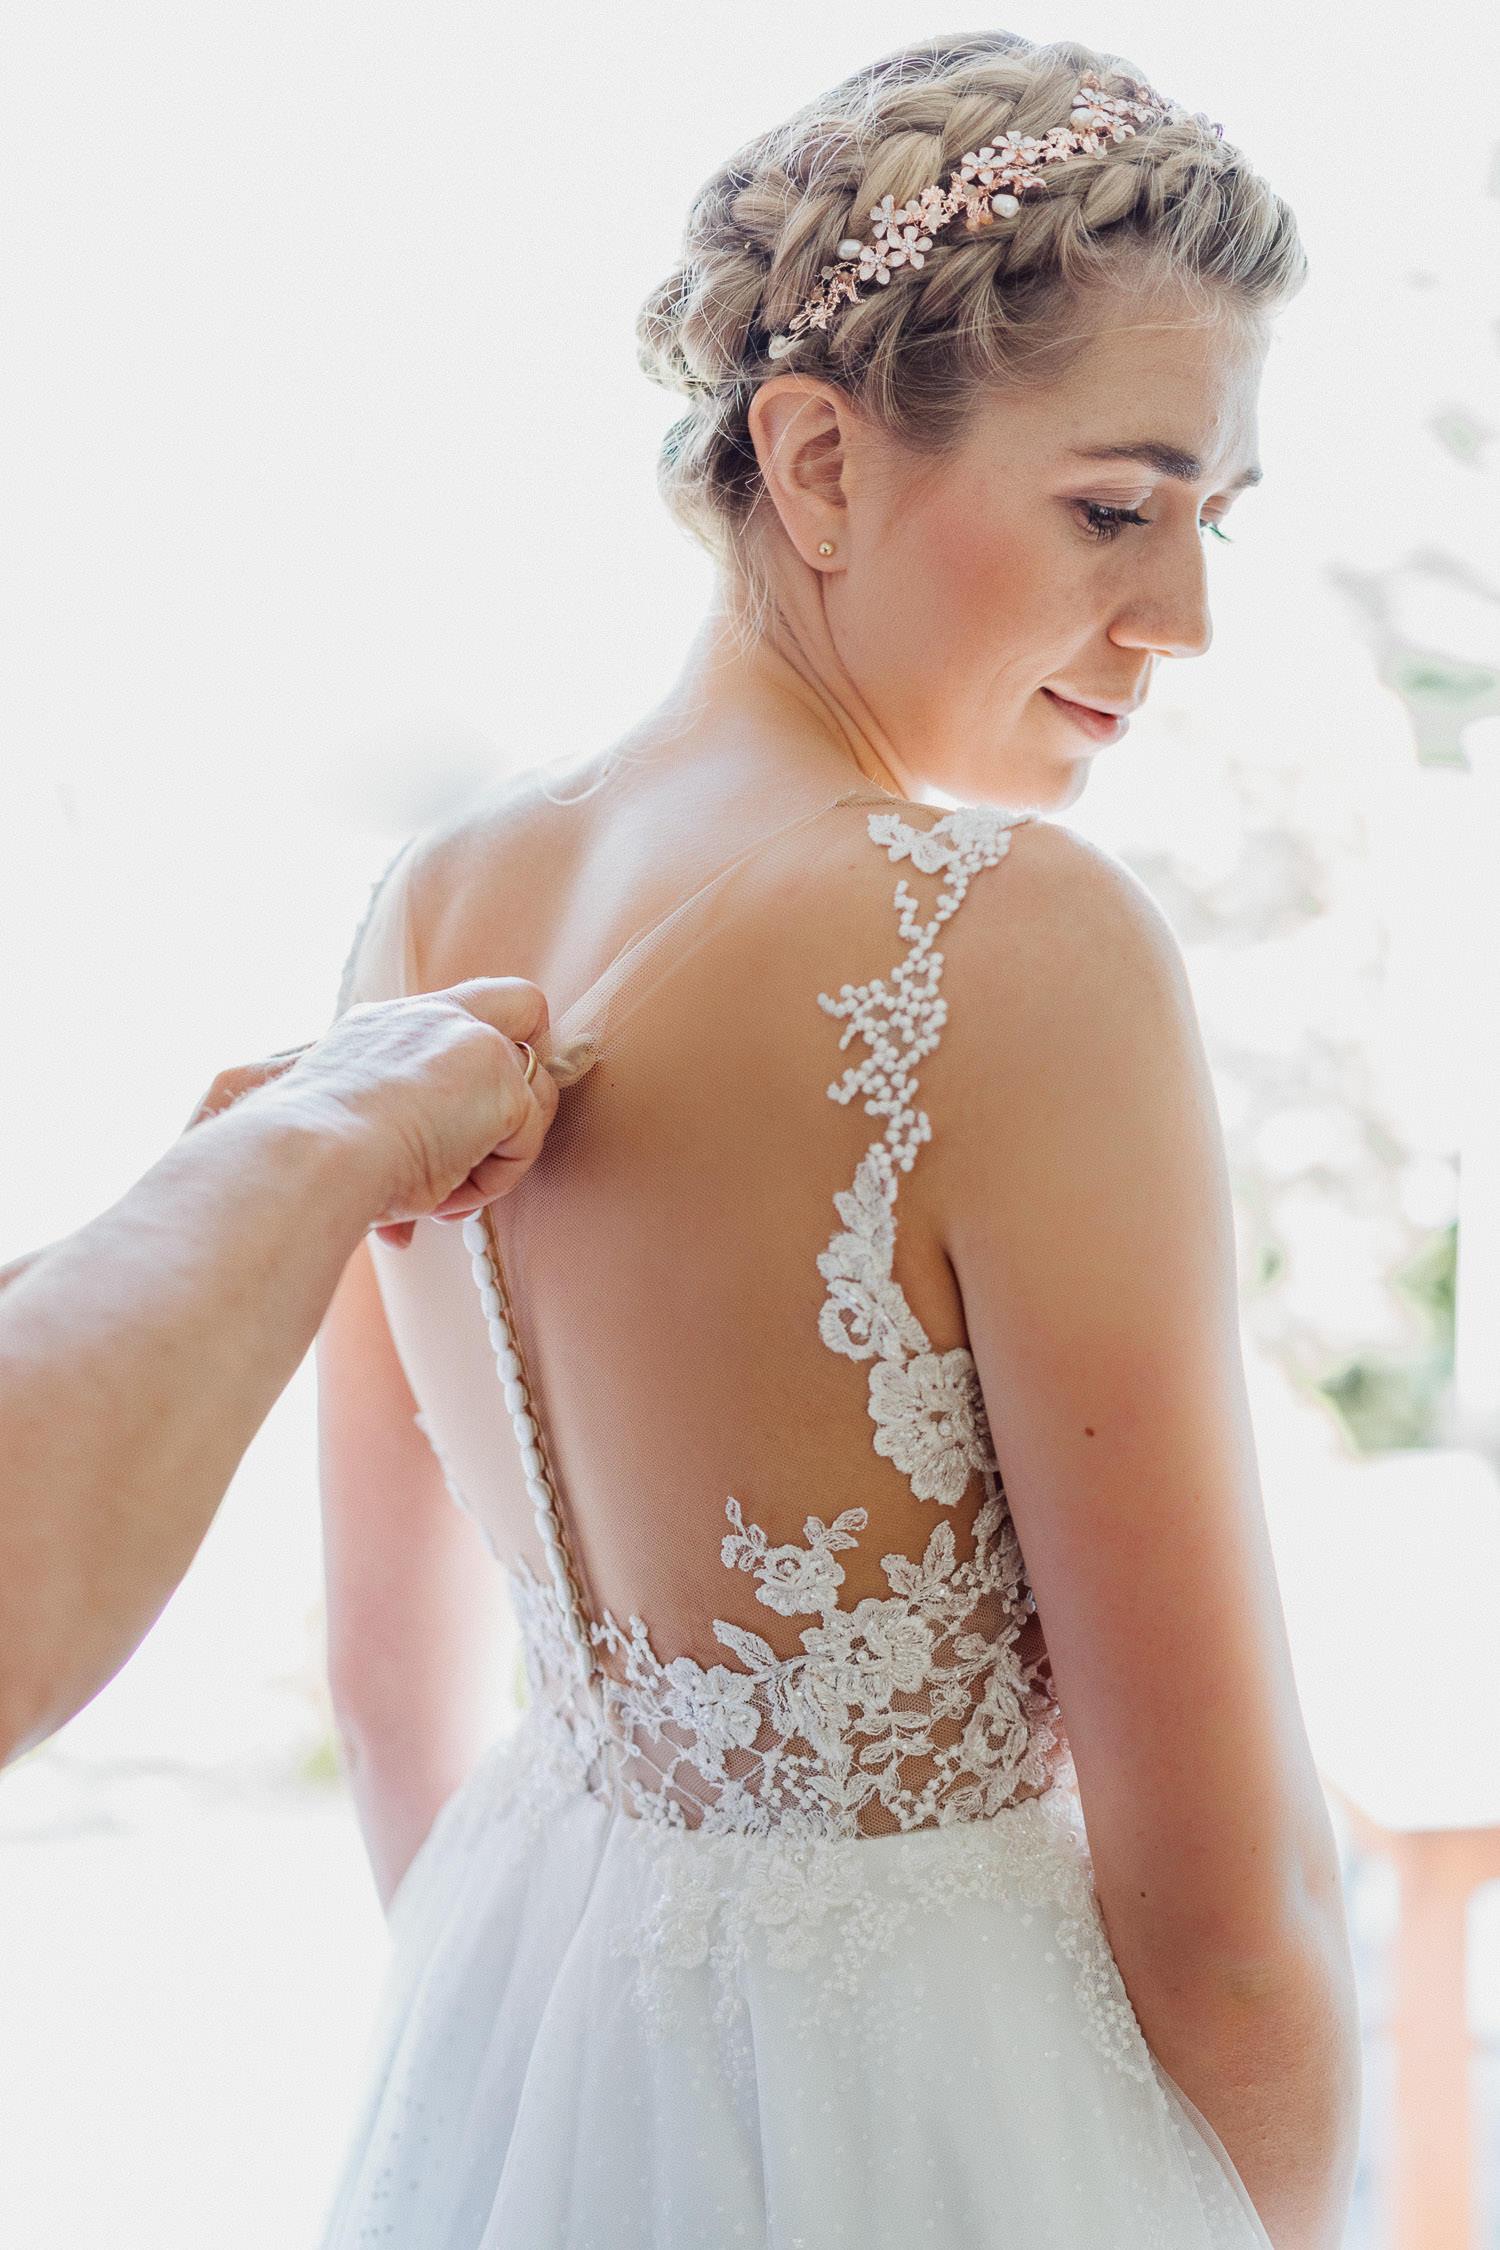 Braut zieht das Hochzeitskleid an